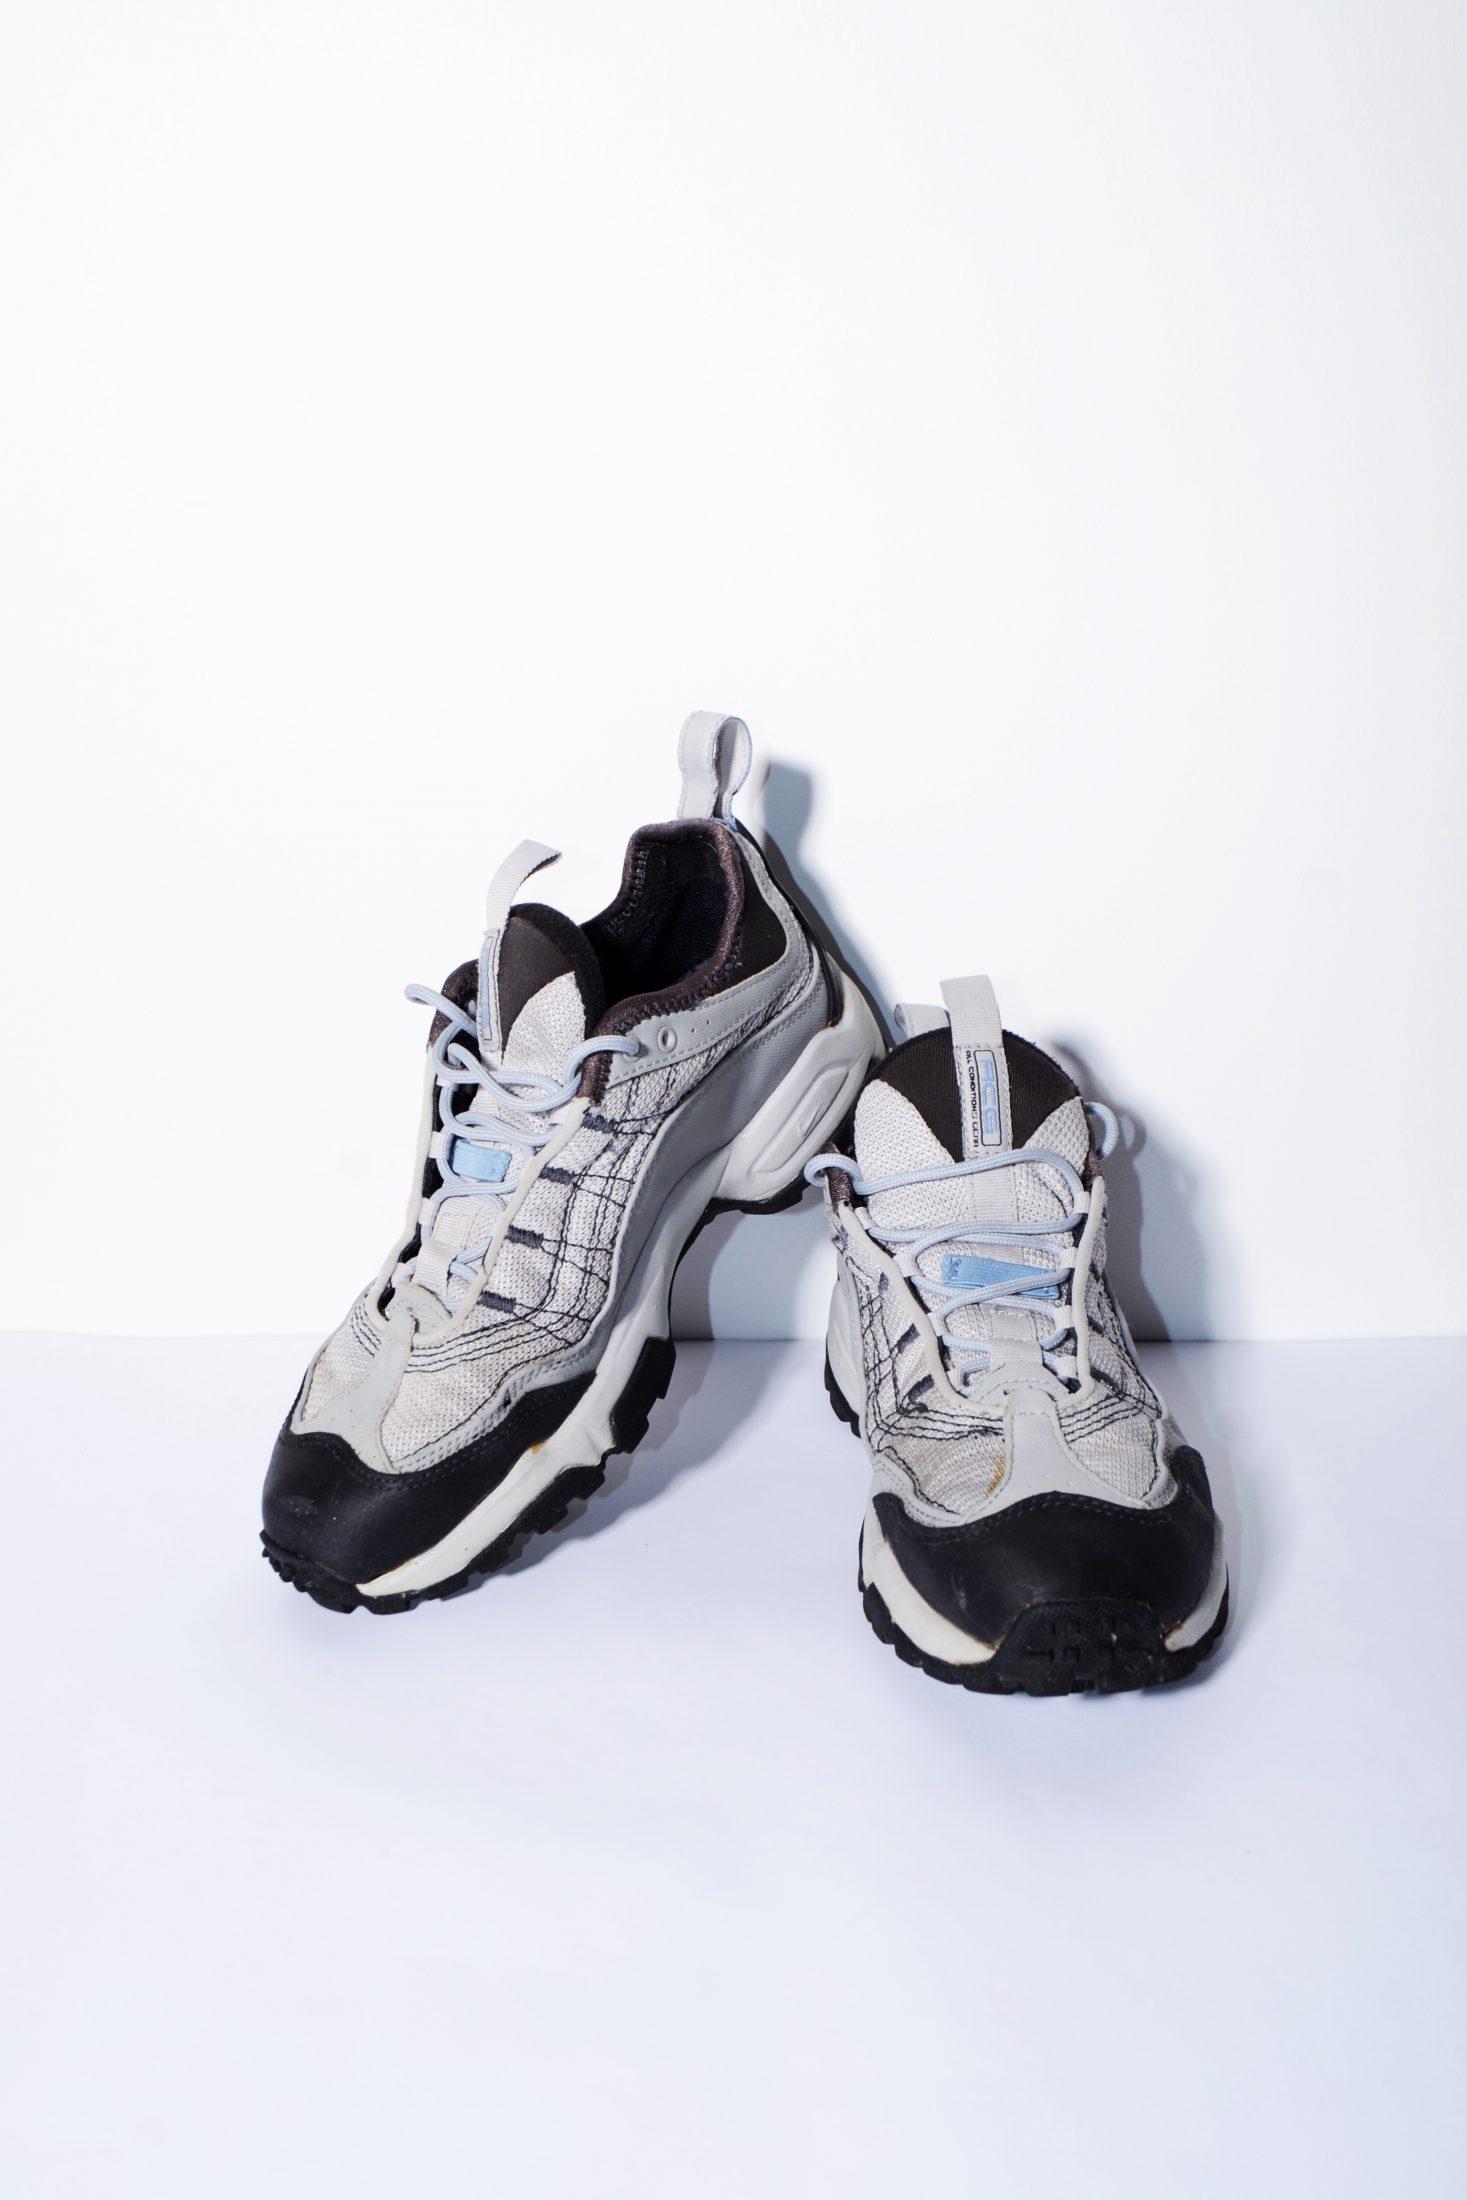 Off Runningwalking Shoes Air Xcr Gore Nike Tex Roadtrail xF6zXxqn